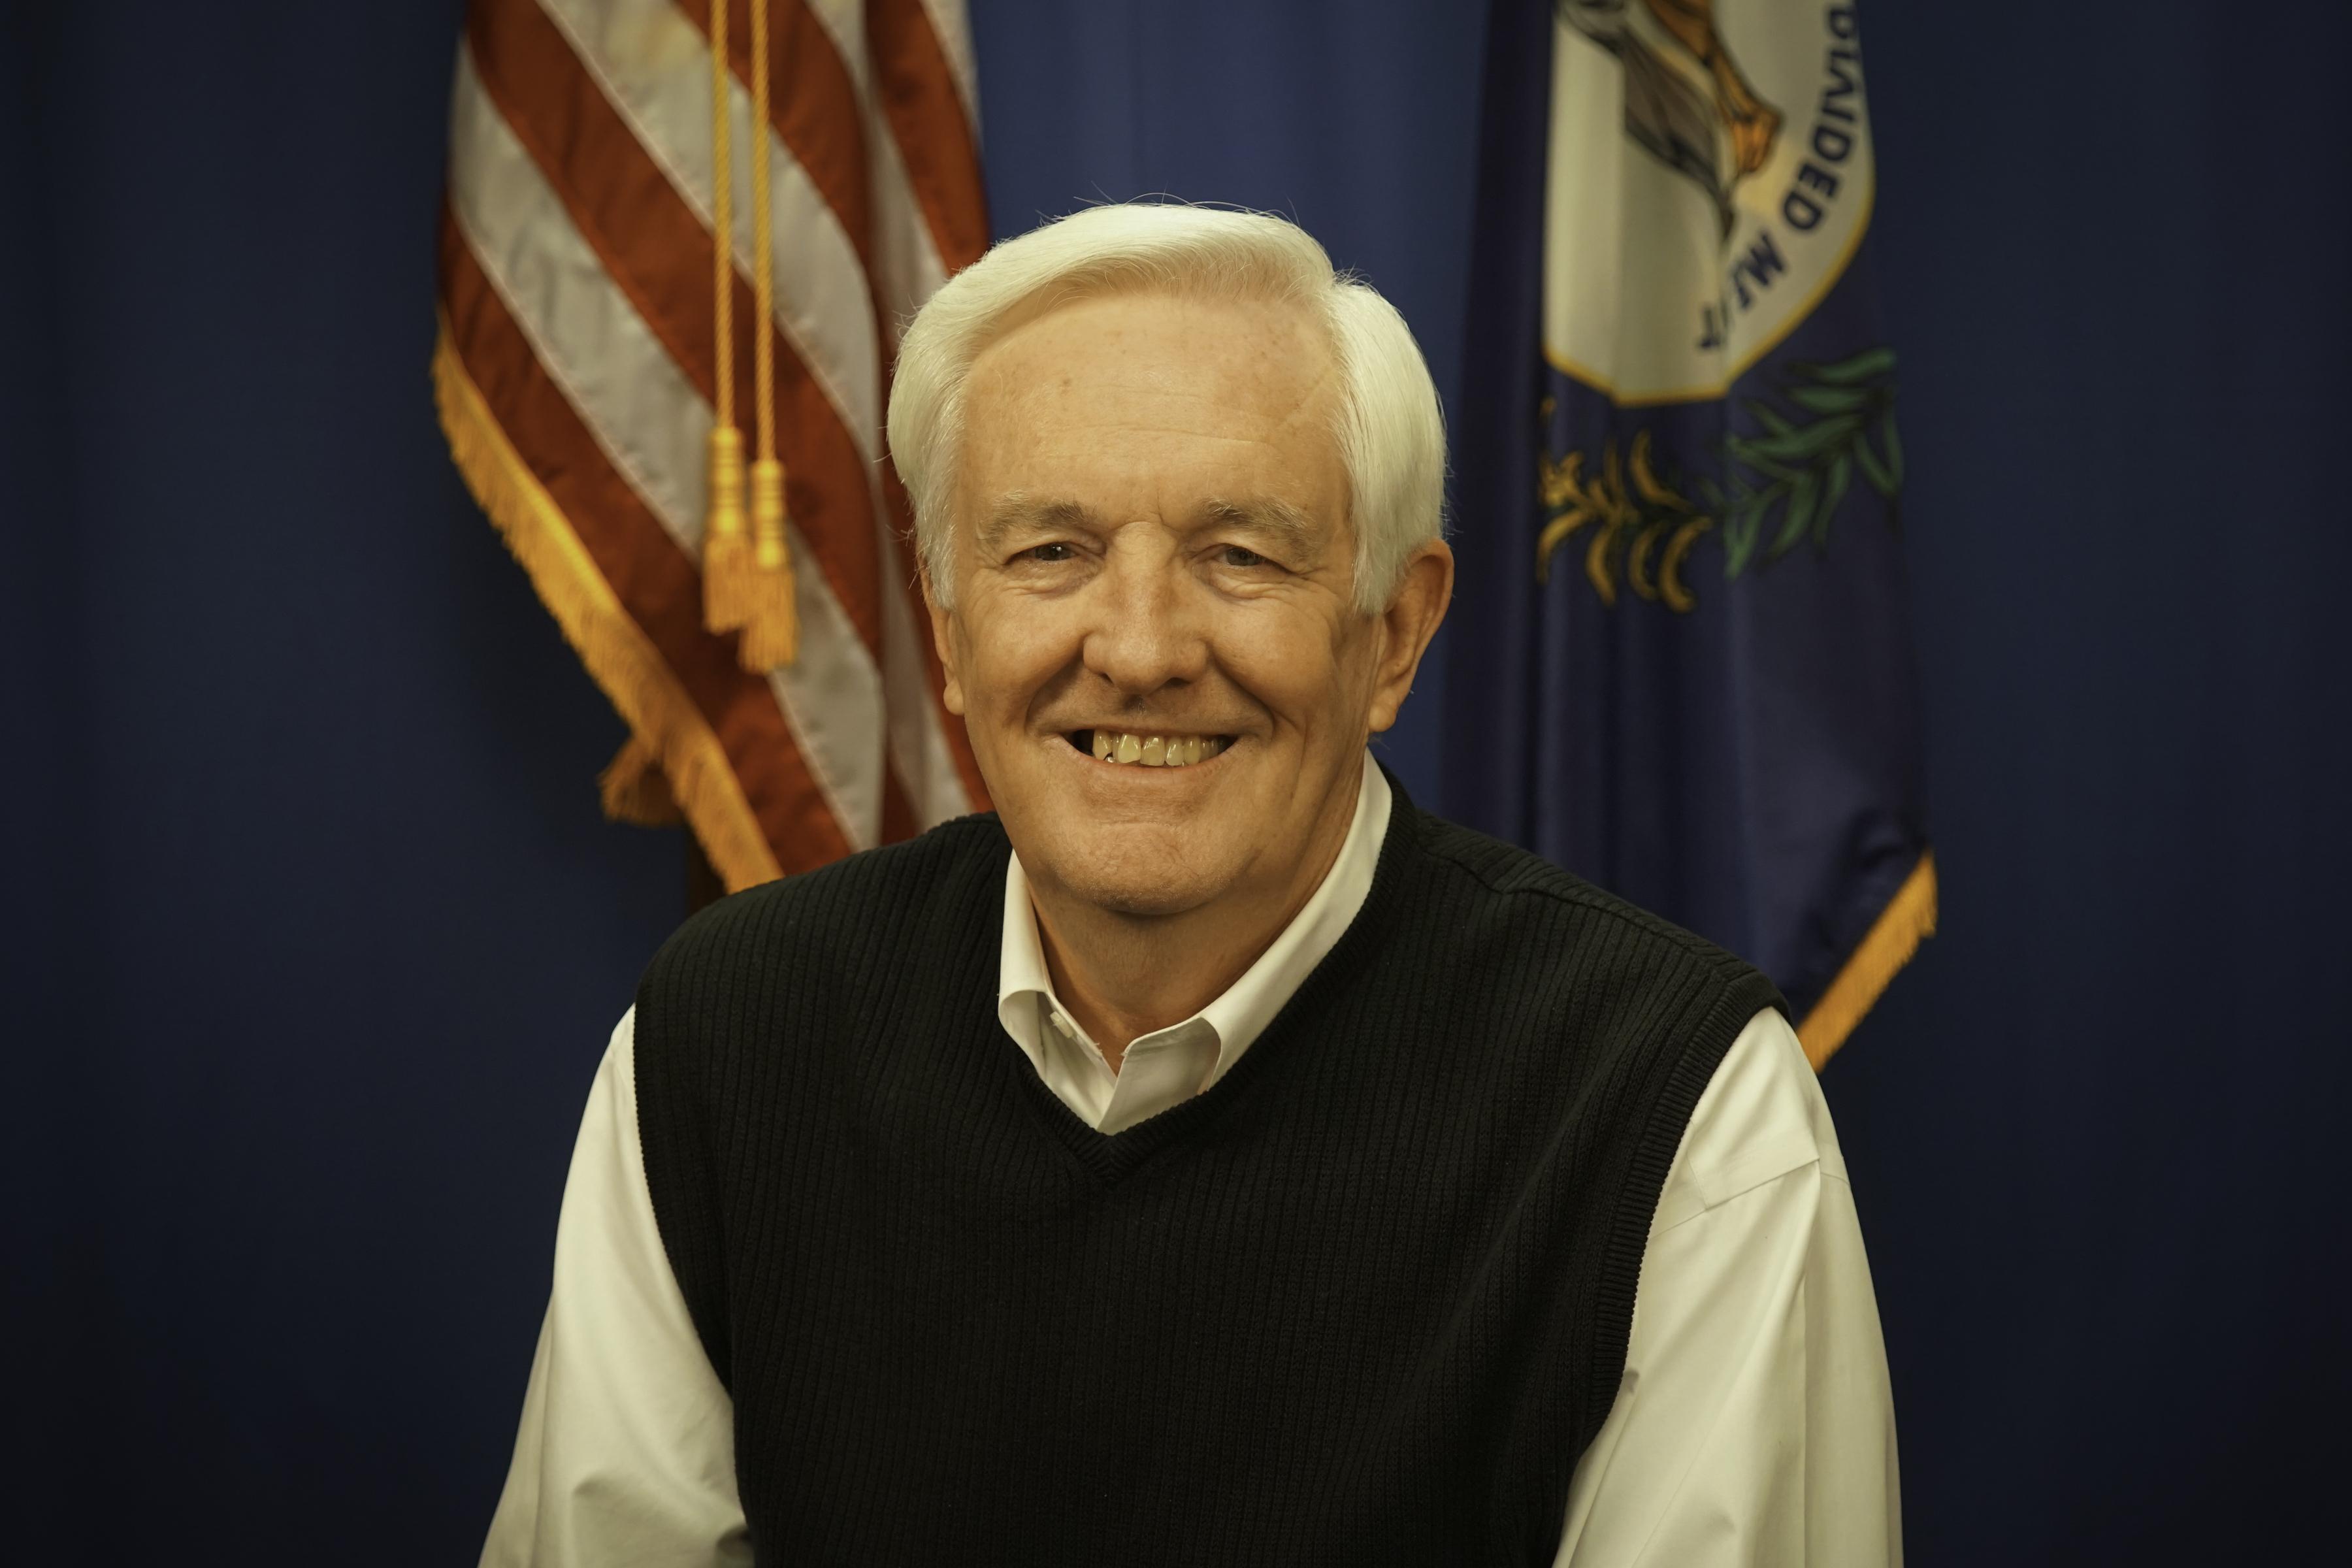 Col. Steve Parker